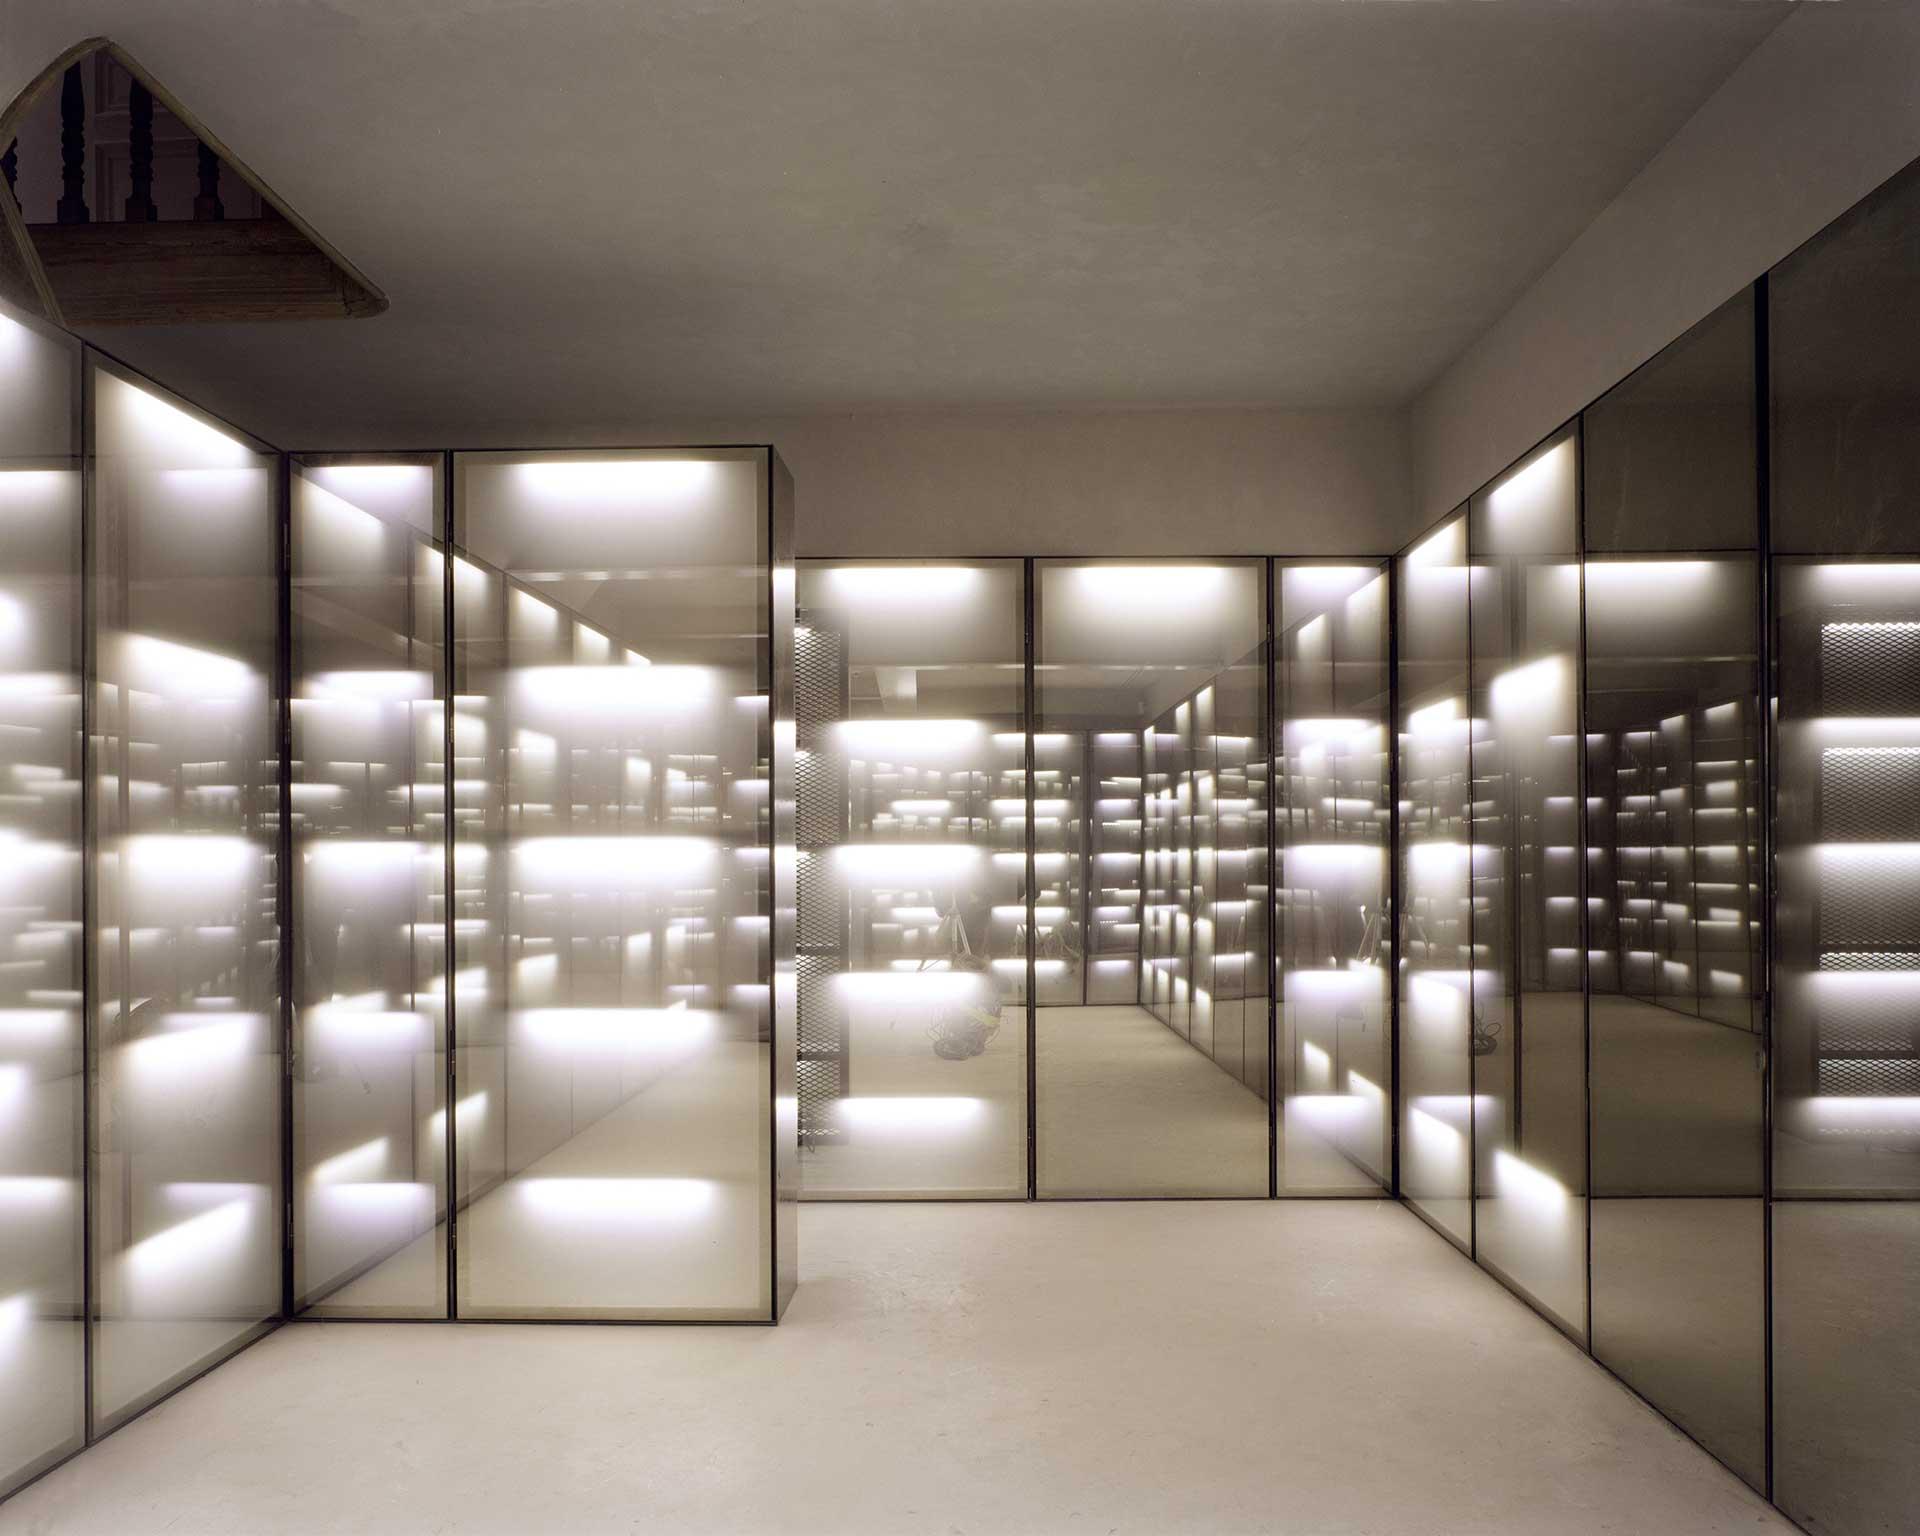 Biennale Interieur, Kortrijk, Office